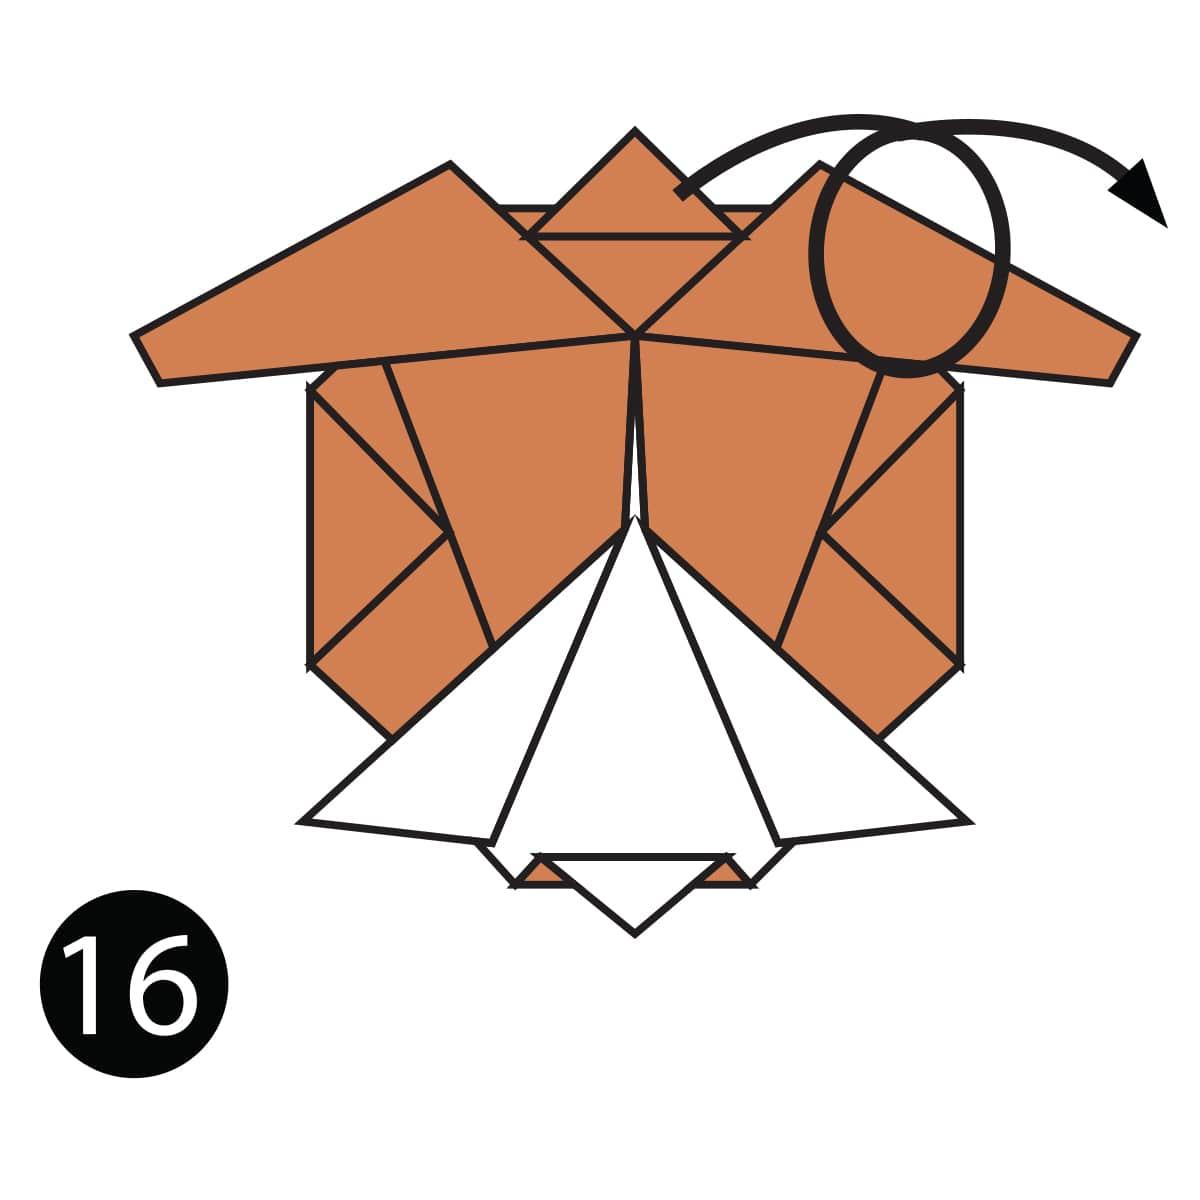 Turtle Step 16